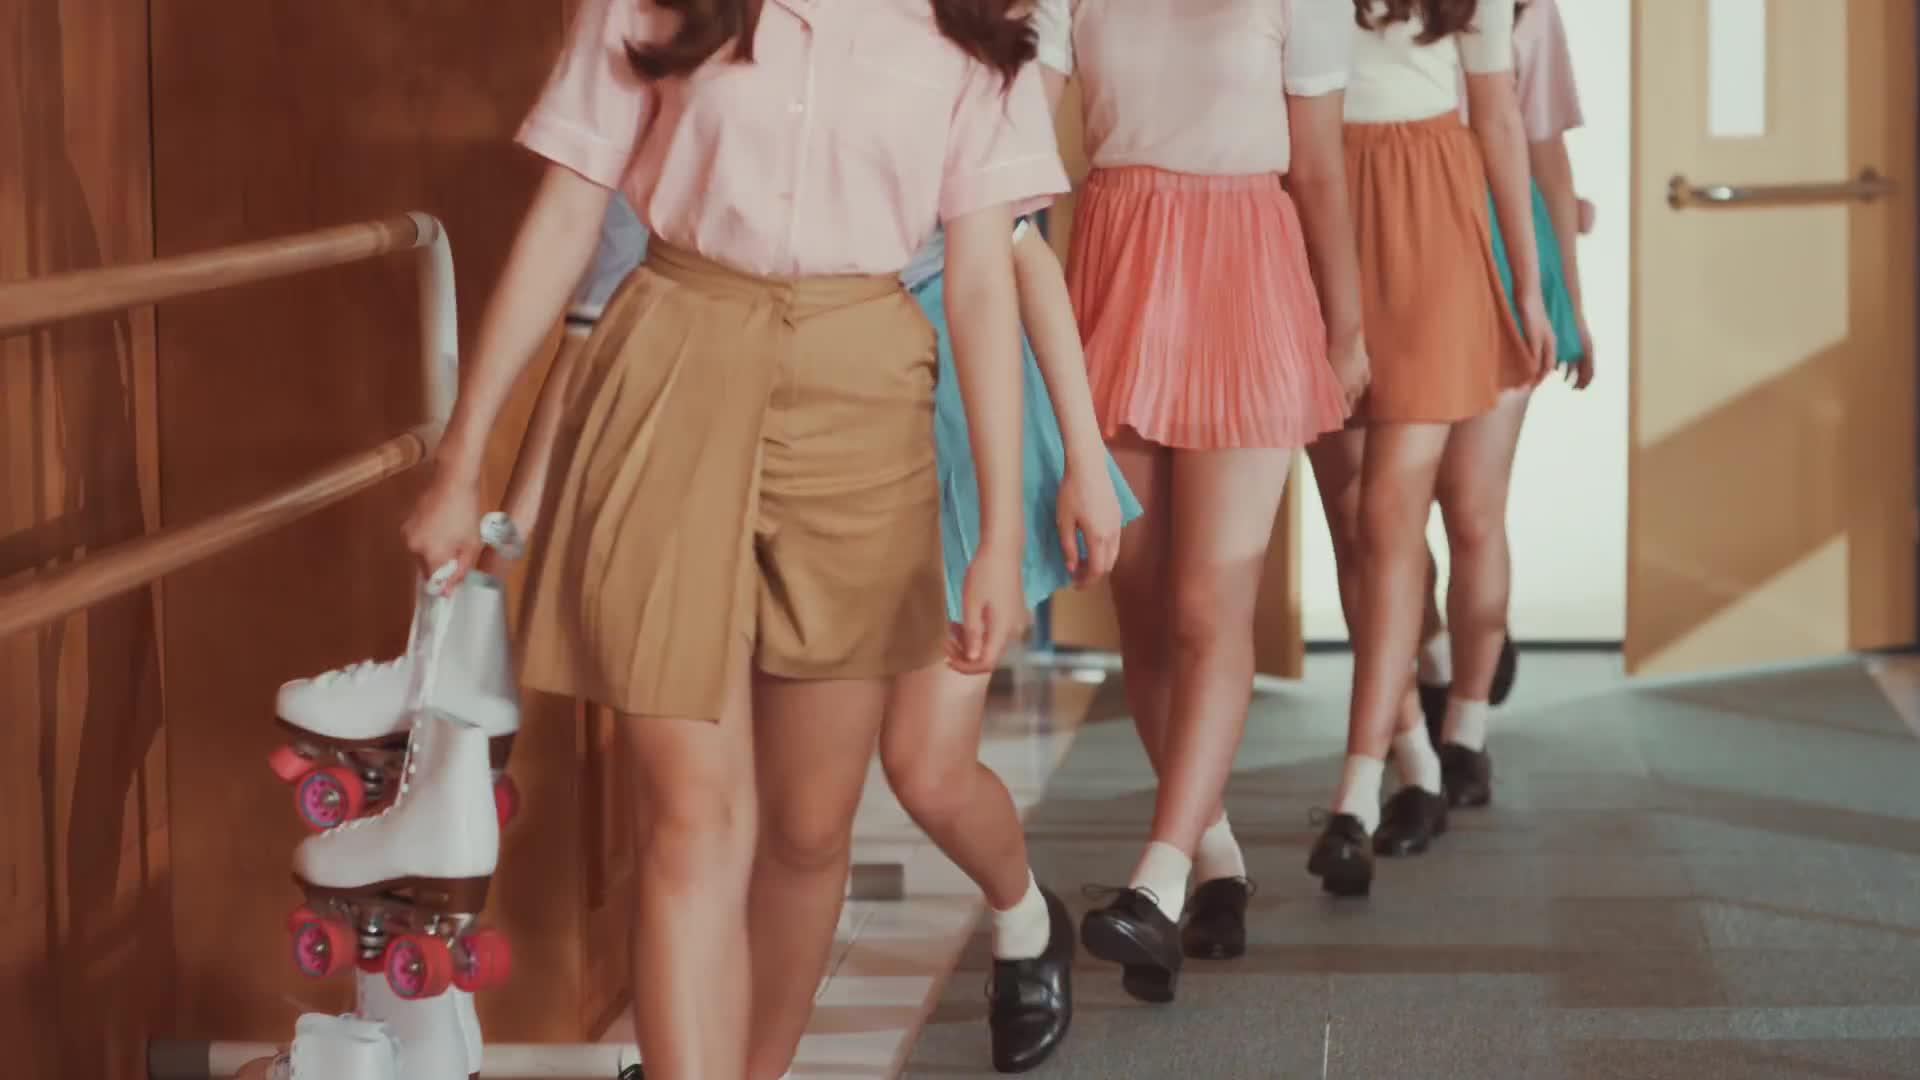 1theK, Kpop, MV, Teaser, loen, 로엔, 뮤비, 신곡, 원더케이, 티져, GFRIEND - Navillera  GIFs